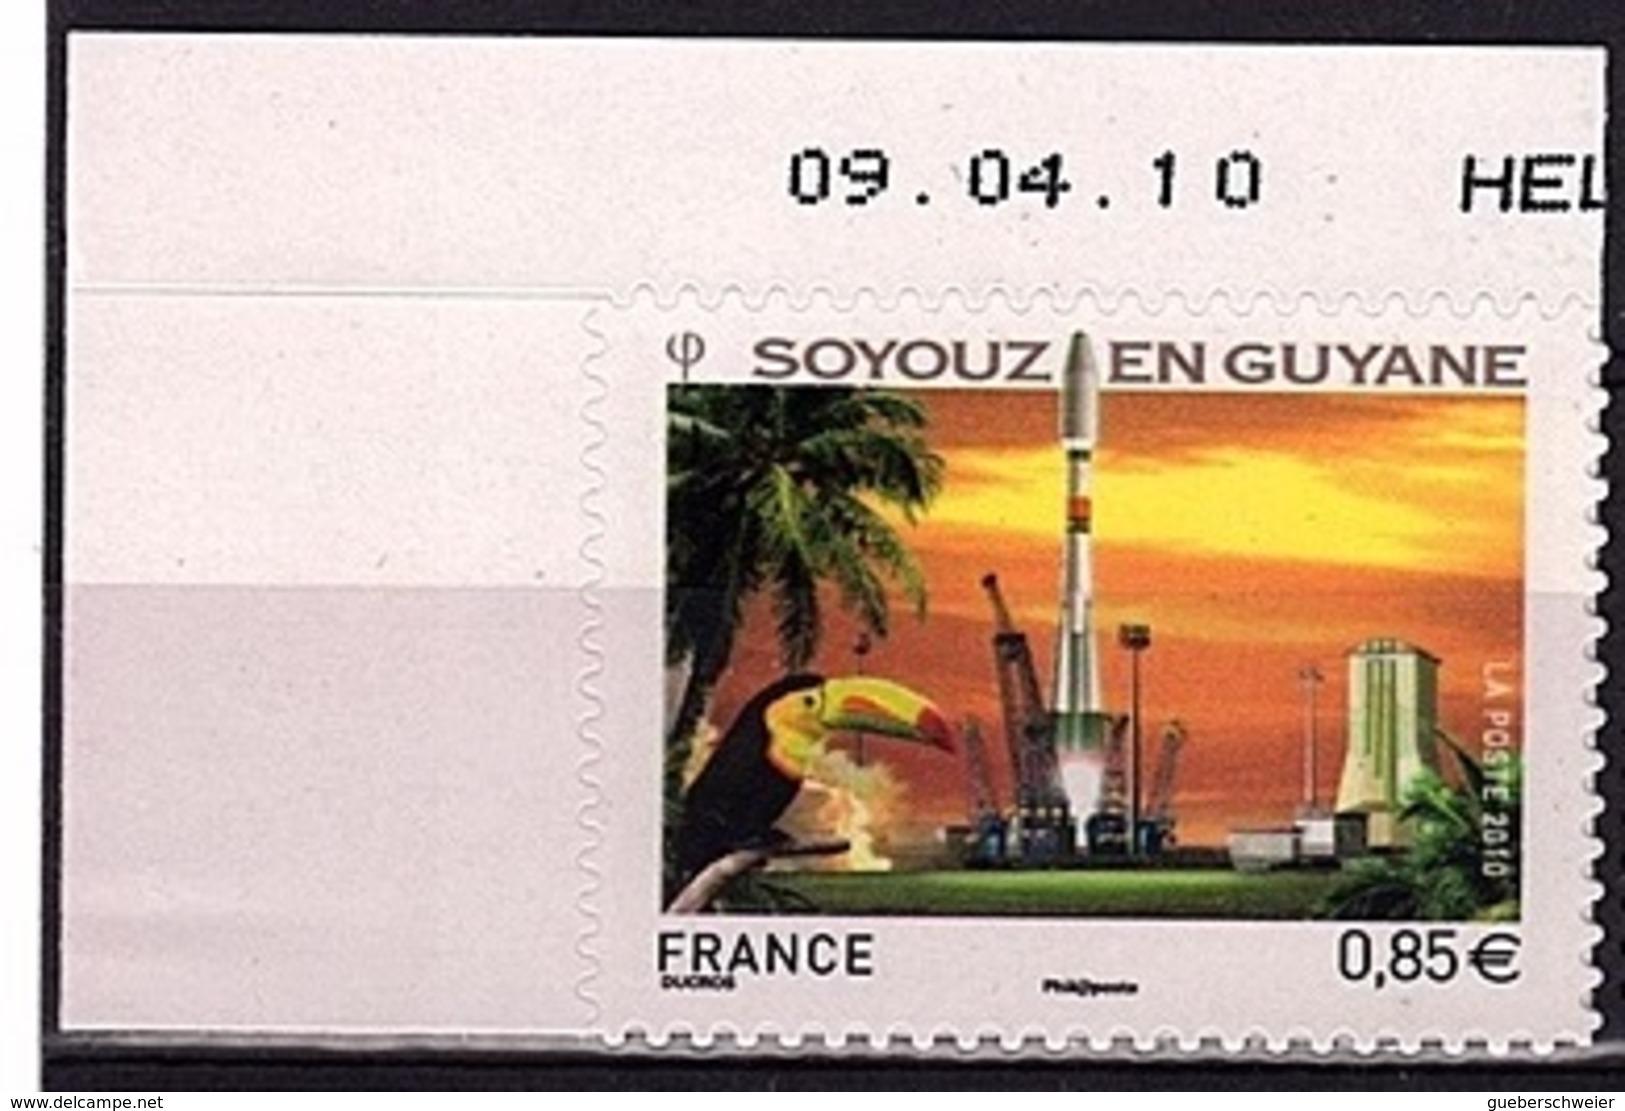 ADH 79 - FRANCE Adhésifs N° 470 Neuf**décollage Fusée Russe Soyouz En Guyane Bdf Daté - Adhésifs (autocollants)